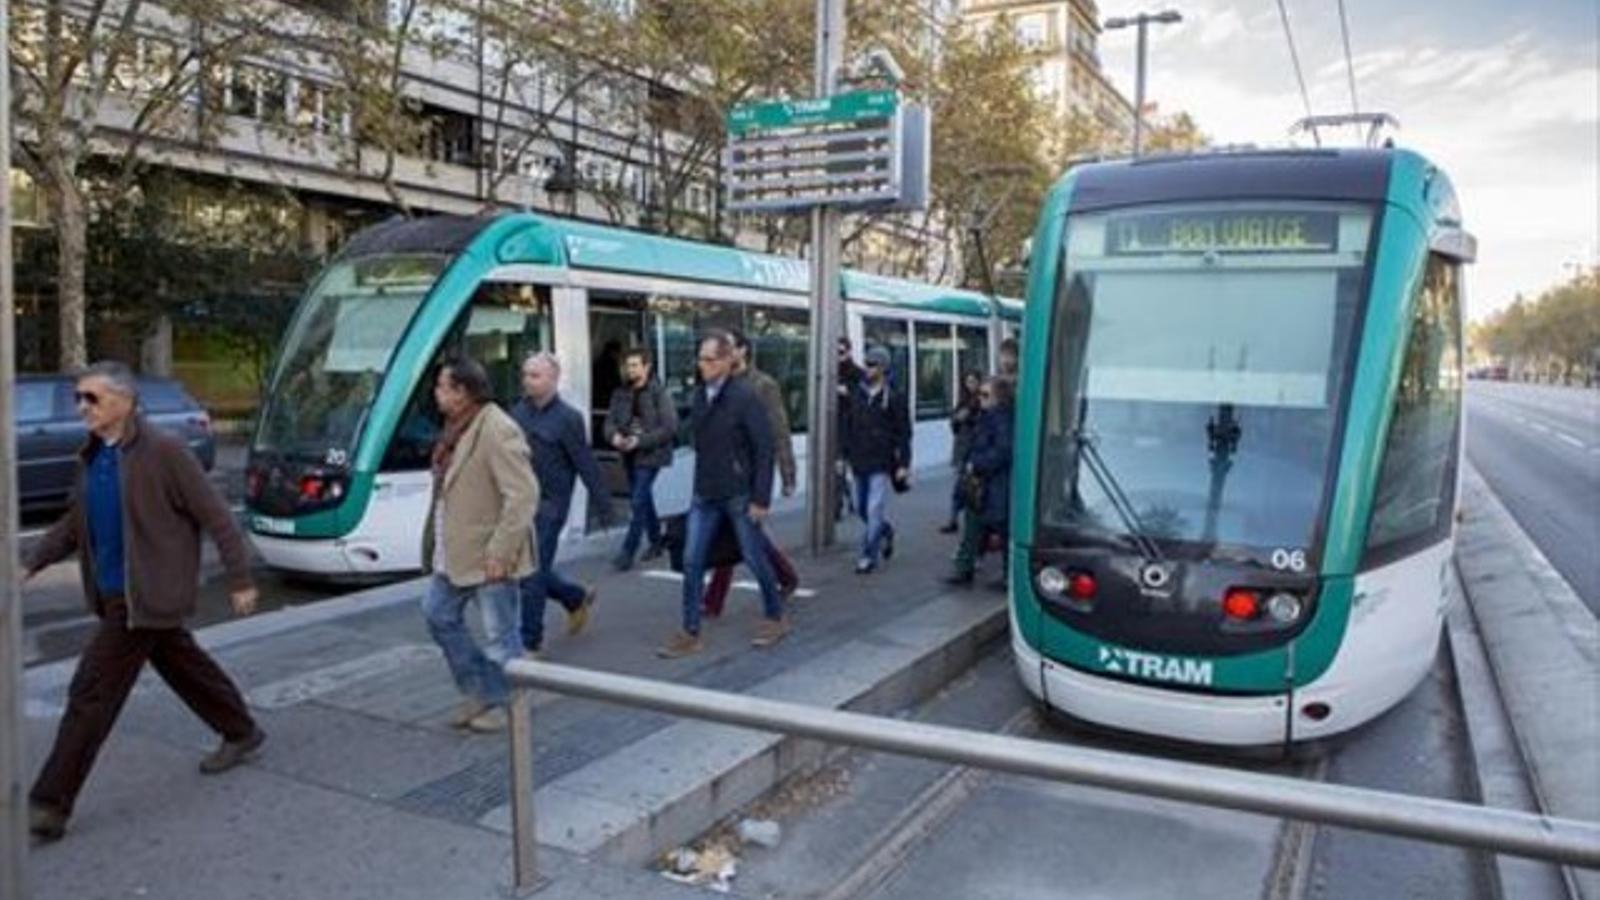 La UPC preveu que el tramvia per la Diagonal no entorpirà el trànsit de la resta de vehicles